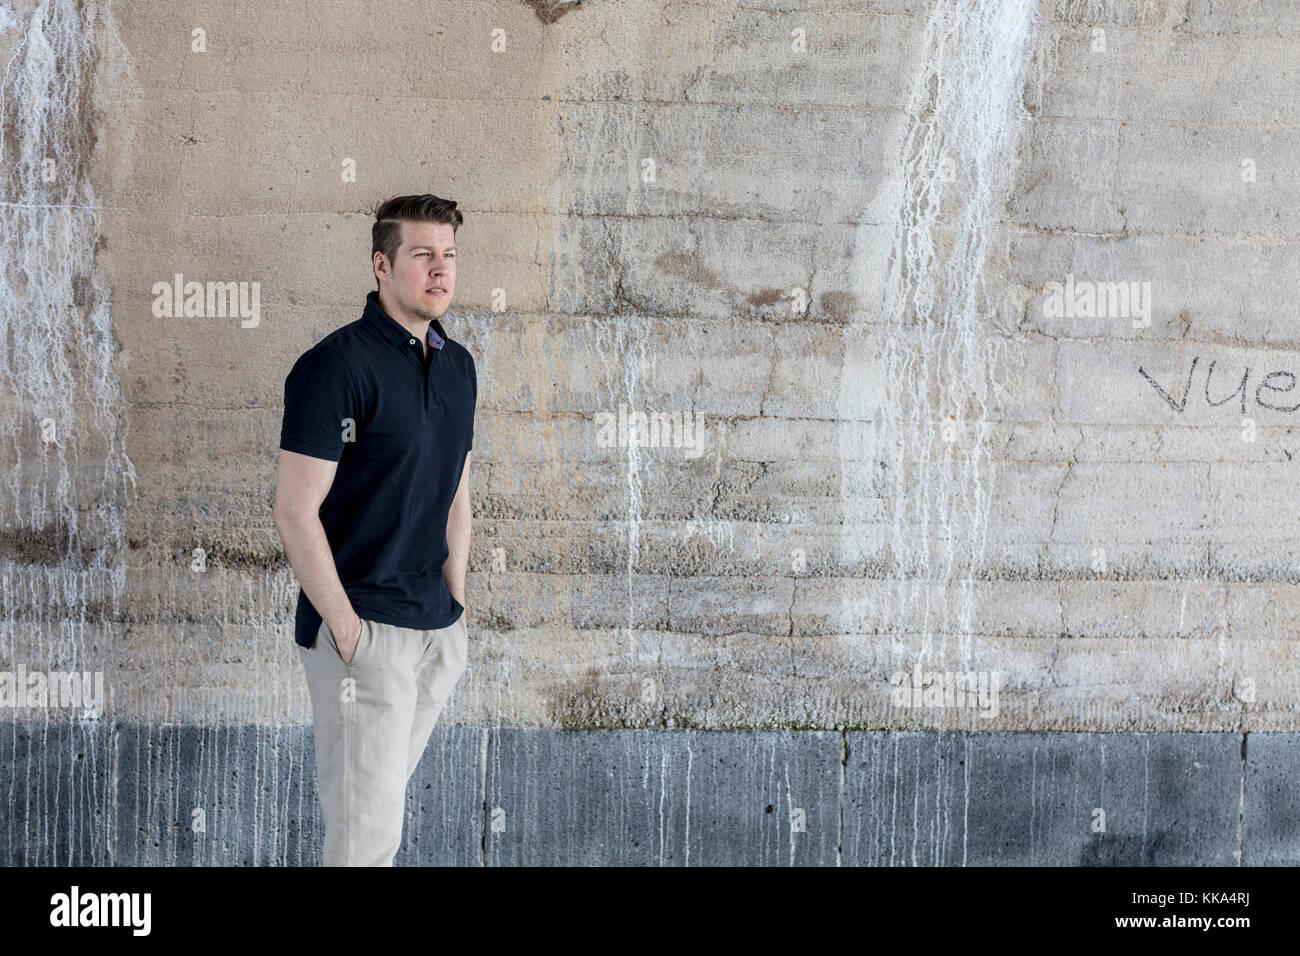 Un hombre vestido casualmente de pie detrás de una pared de color beige. Tres cuartos de longitud. Imagen De Stock